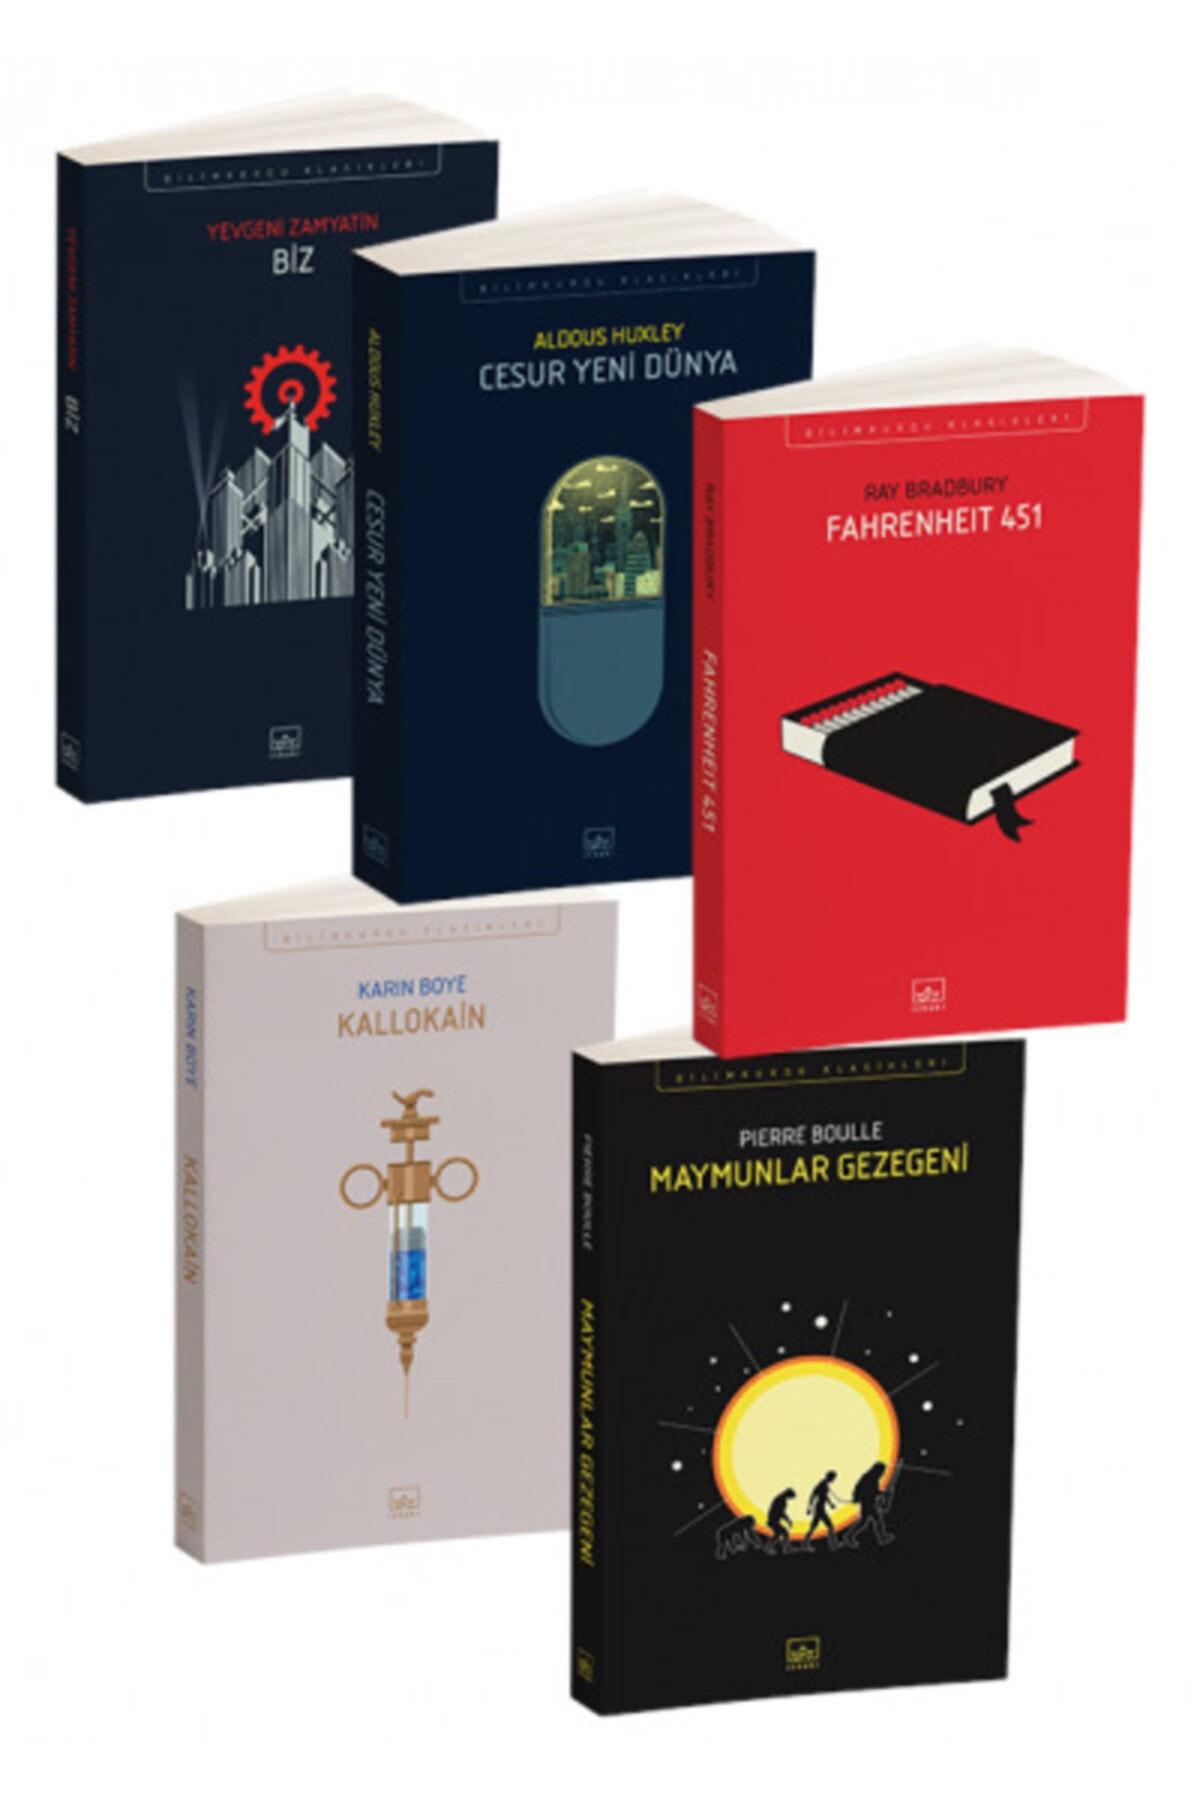 İthaki Yayınları Distopya Seti Biz Kallokain Cesur Yeni Dünya Fahrenheit 451 Maymunlar Gezegeni 1